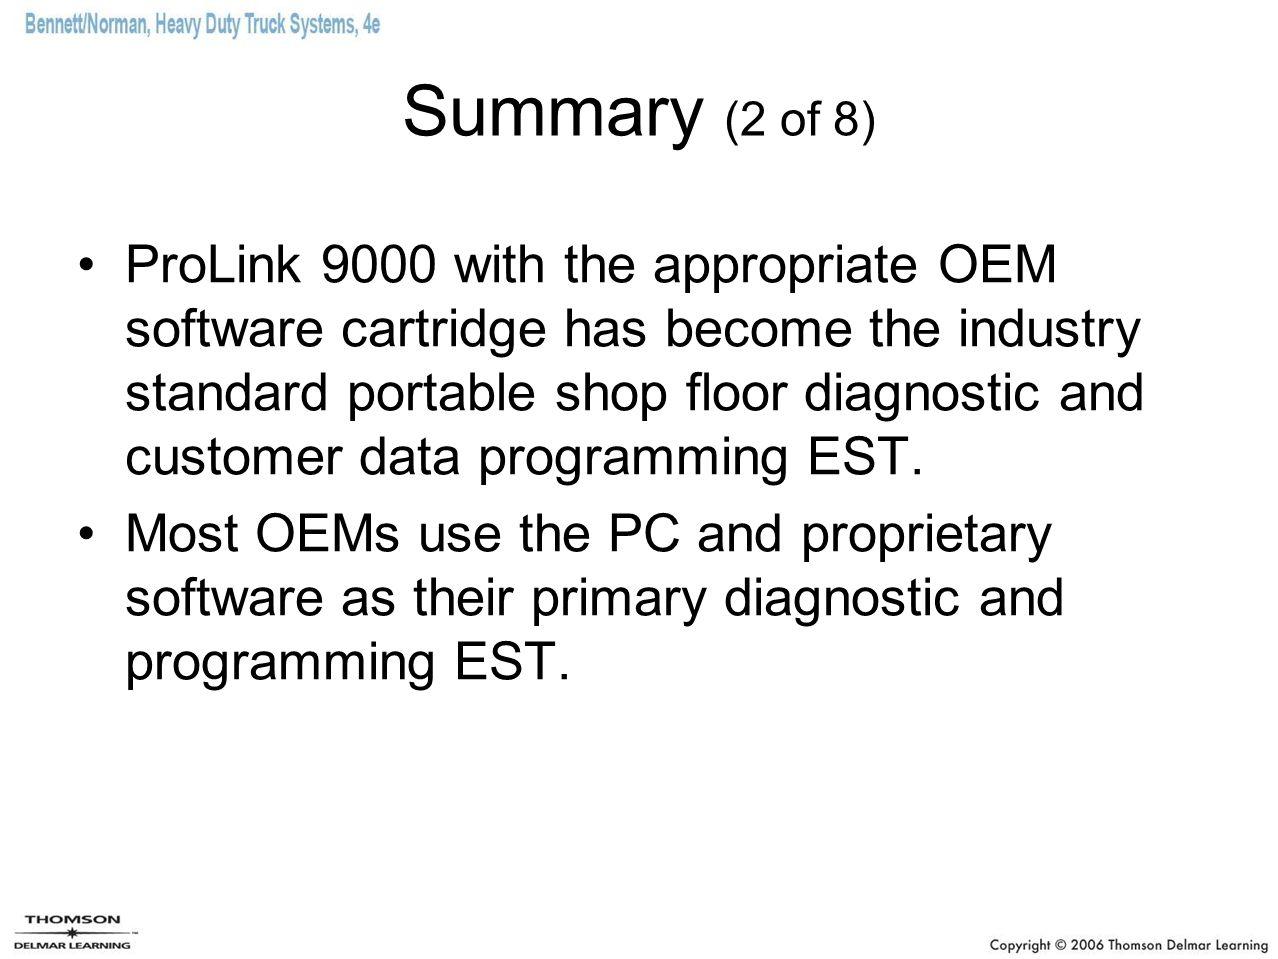 Summary (2 of 8)